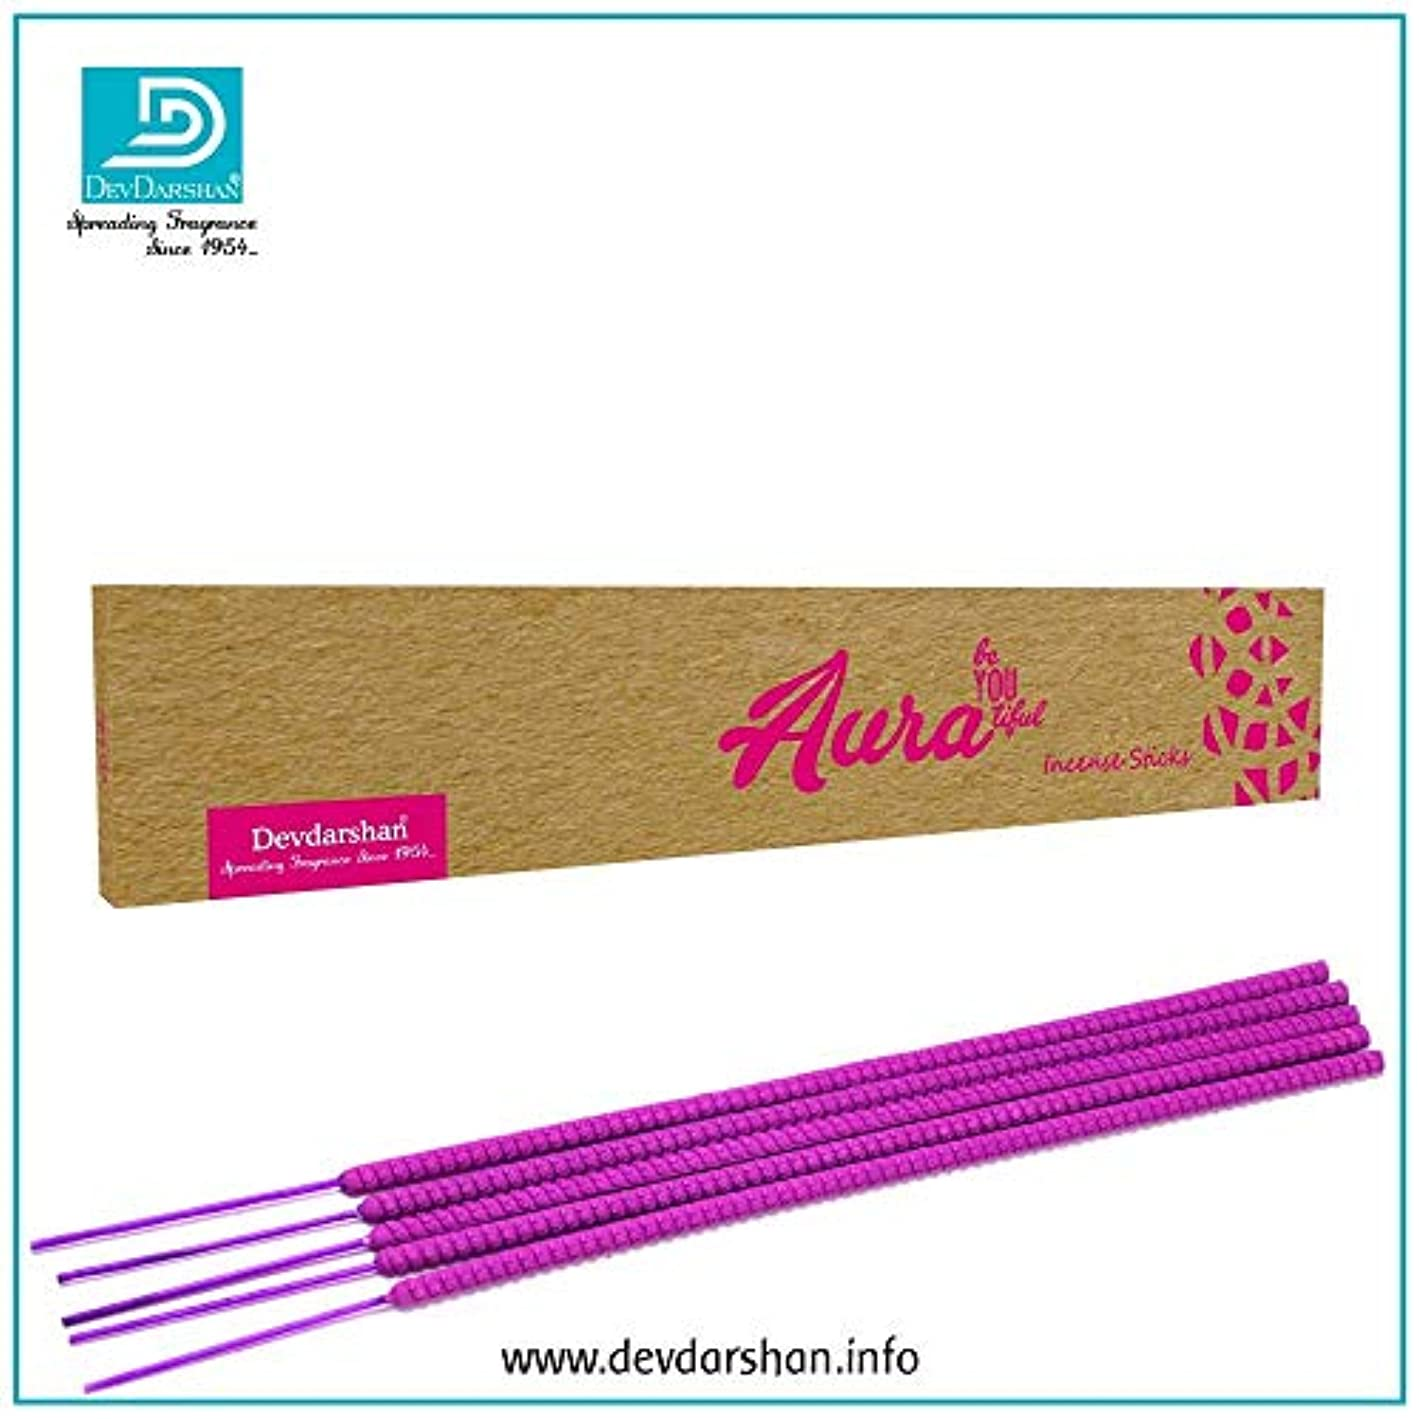 壁紙粉砕する欺くDevdarshan Aura Exotic 16 Inch Incense Sticks with 2 Hours Burning (2 Packs of 5 Stick Each)